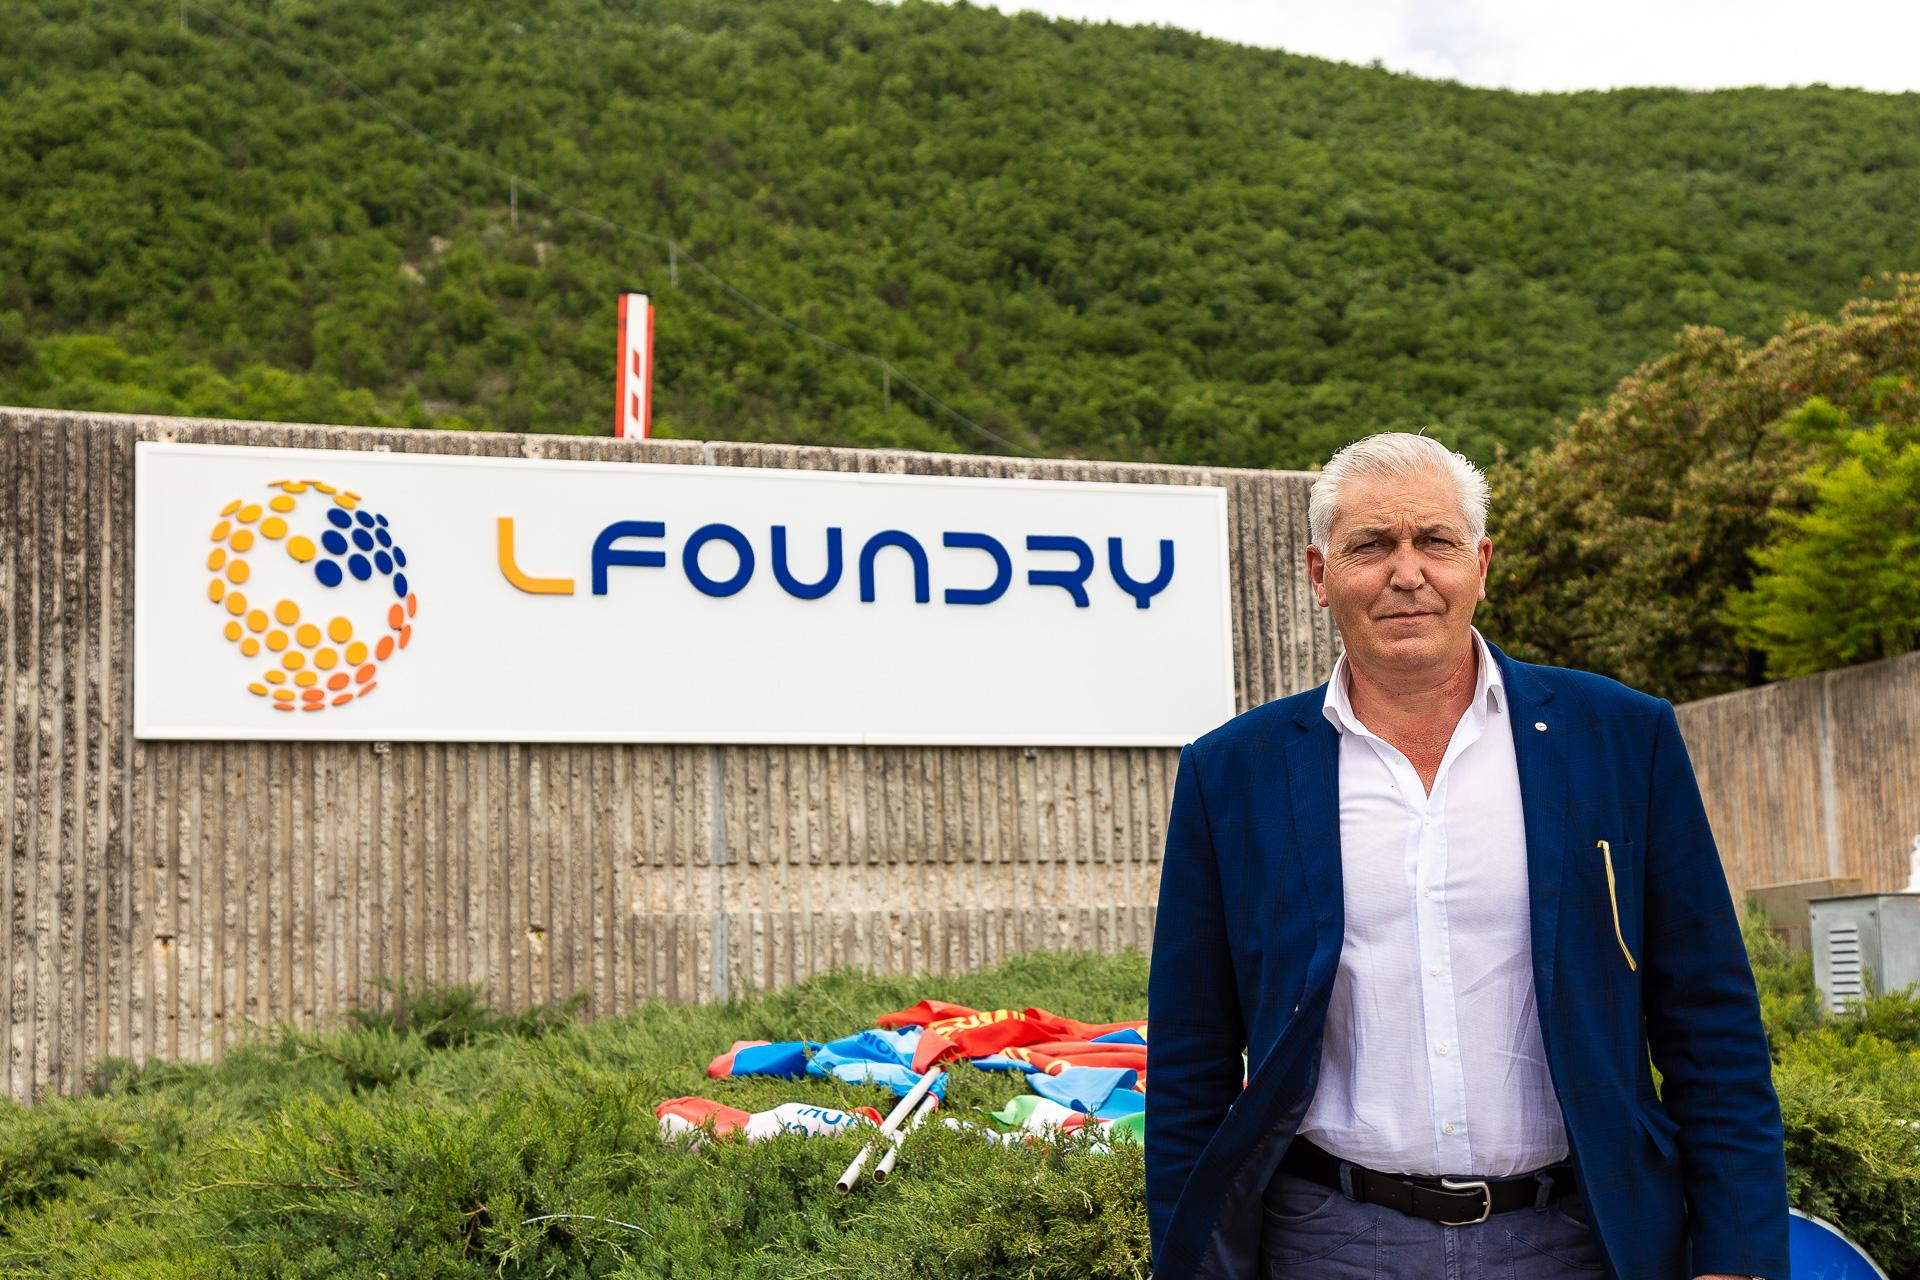 Lfoundry Avezzano: perplessità Uilm su incentivi alle dimissioni volontarie